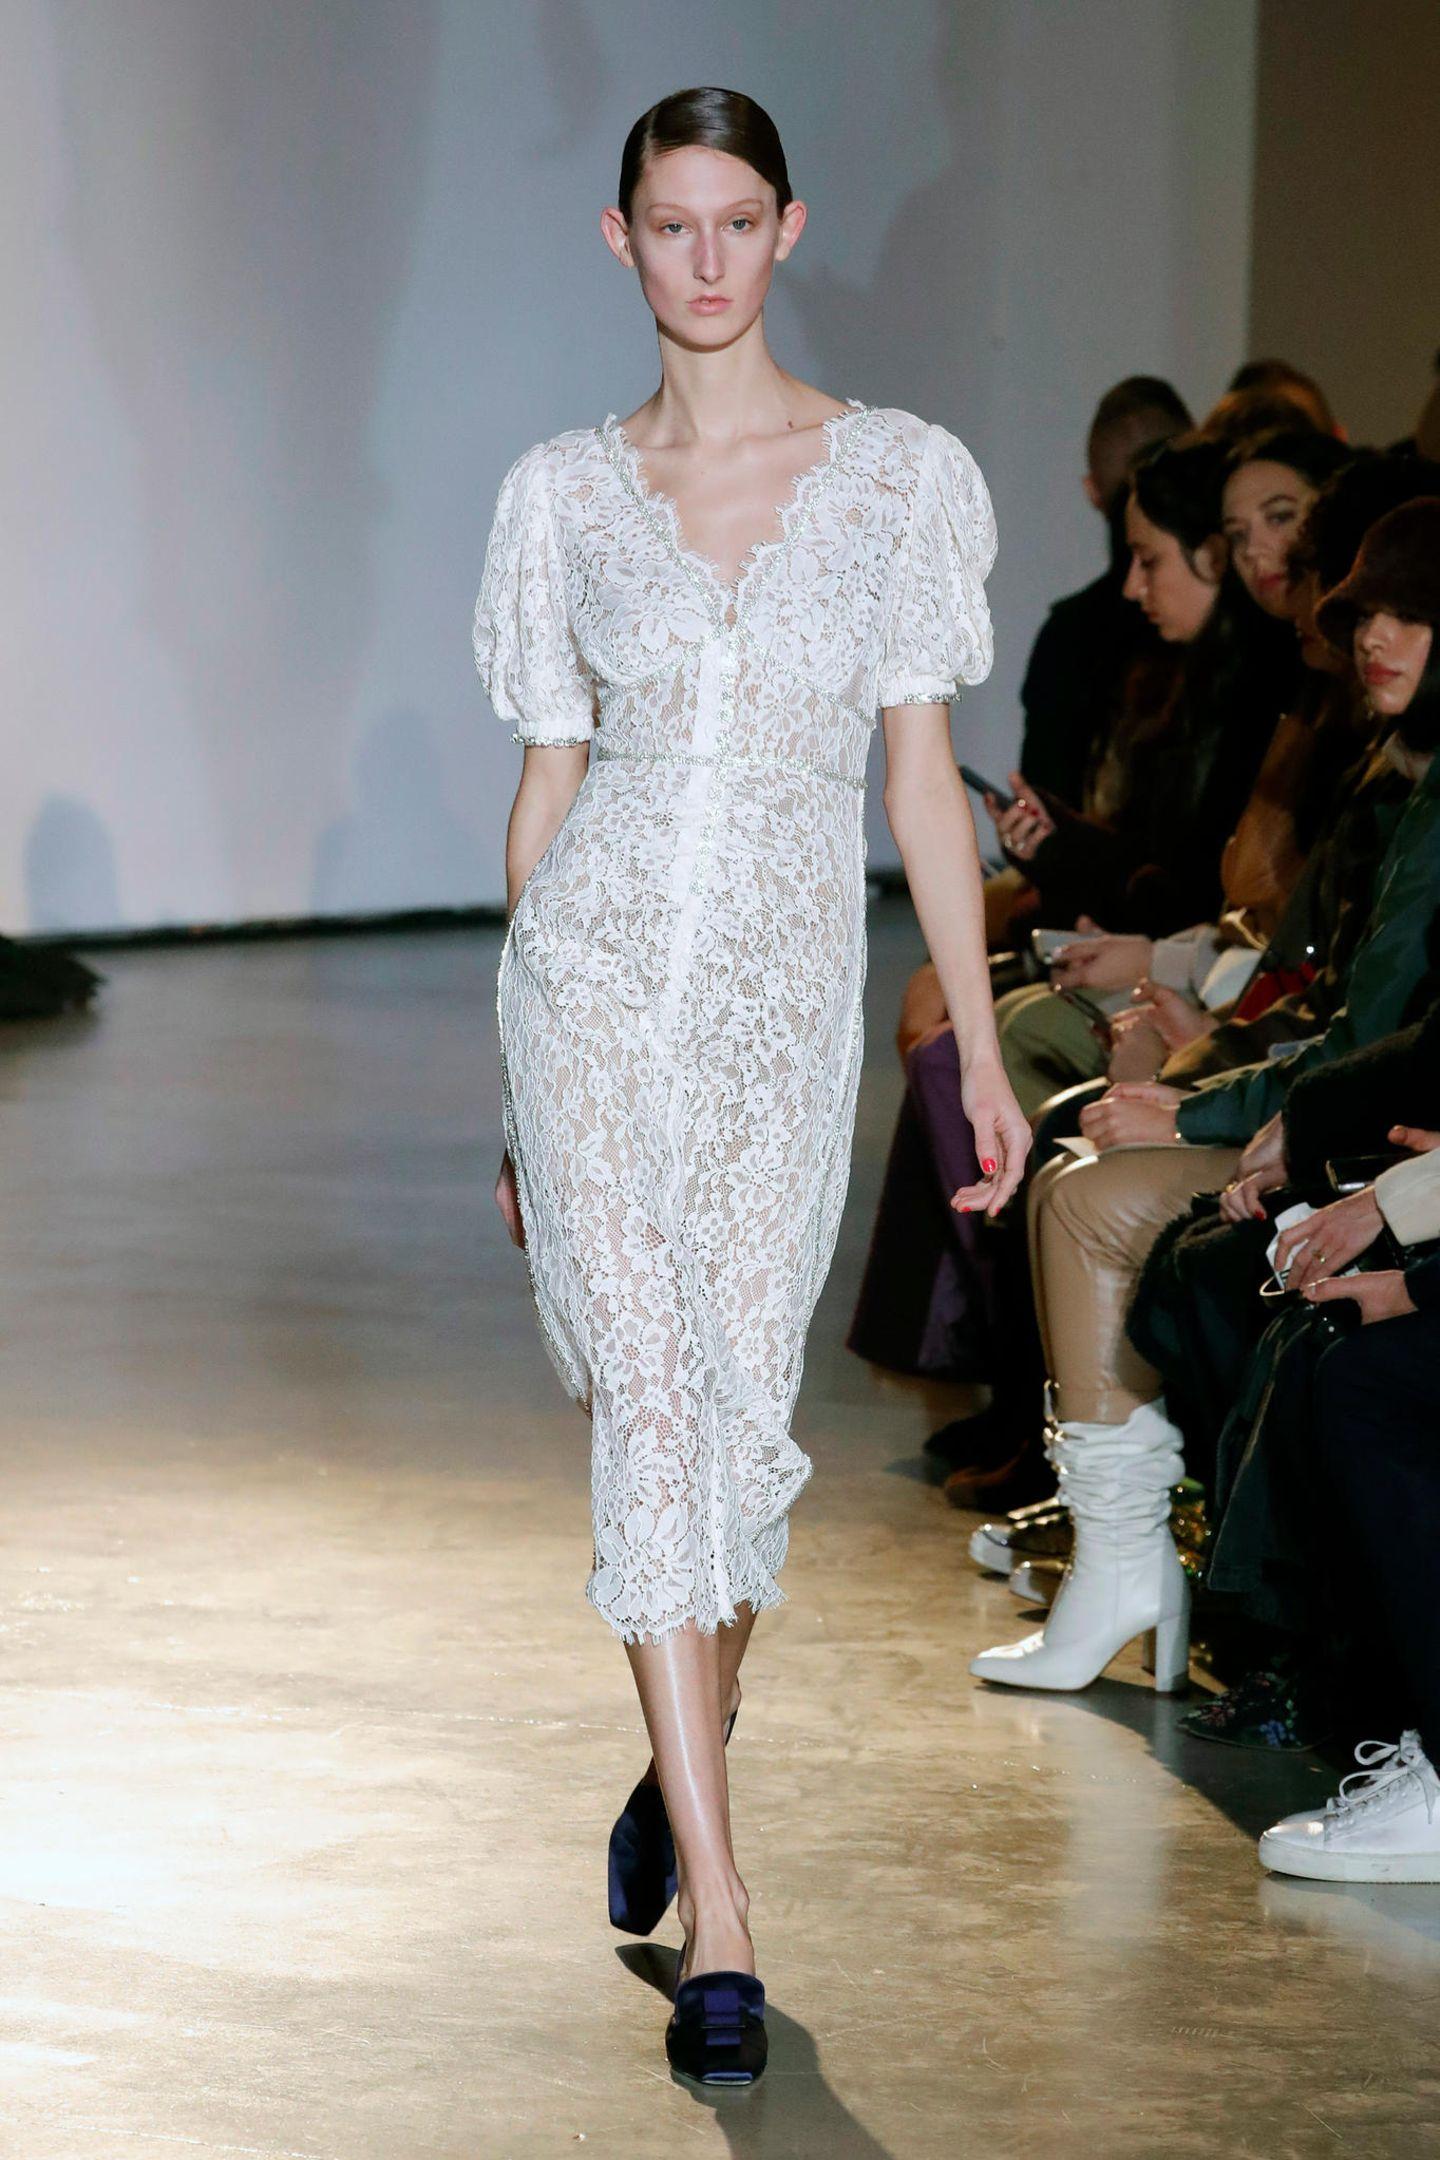 Vor allem diese Robe aus weißer, durchgehender Spitze mit Puffärmeln und V-Ausschnitt dürfte den Geschmack von Herzogin Kate treffen.